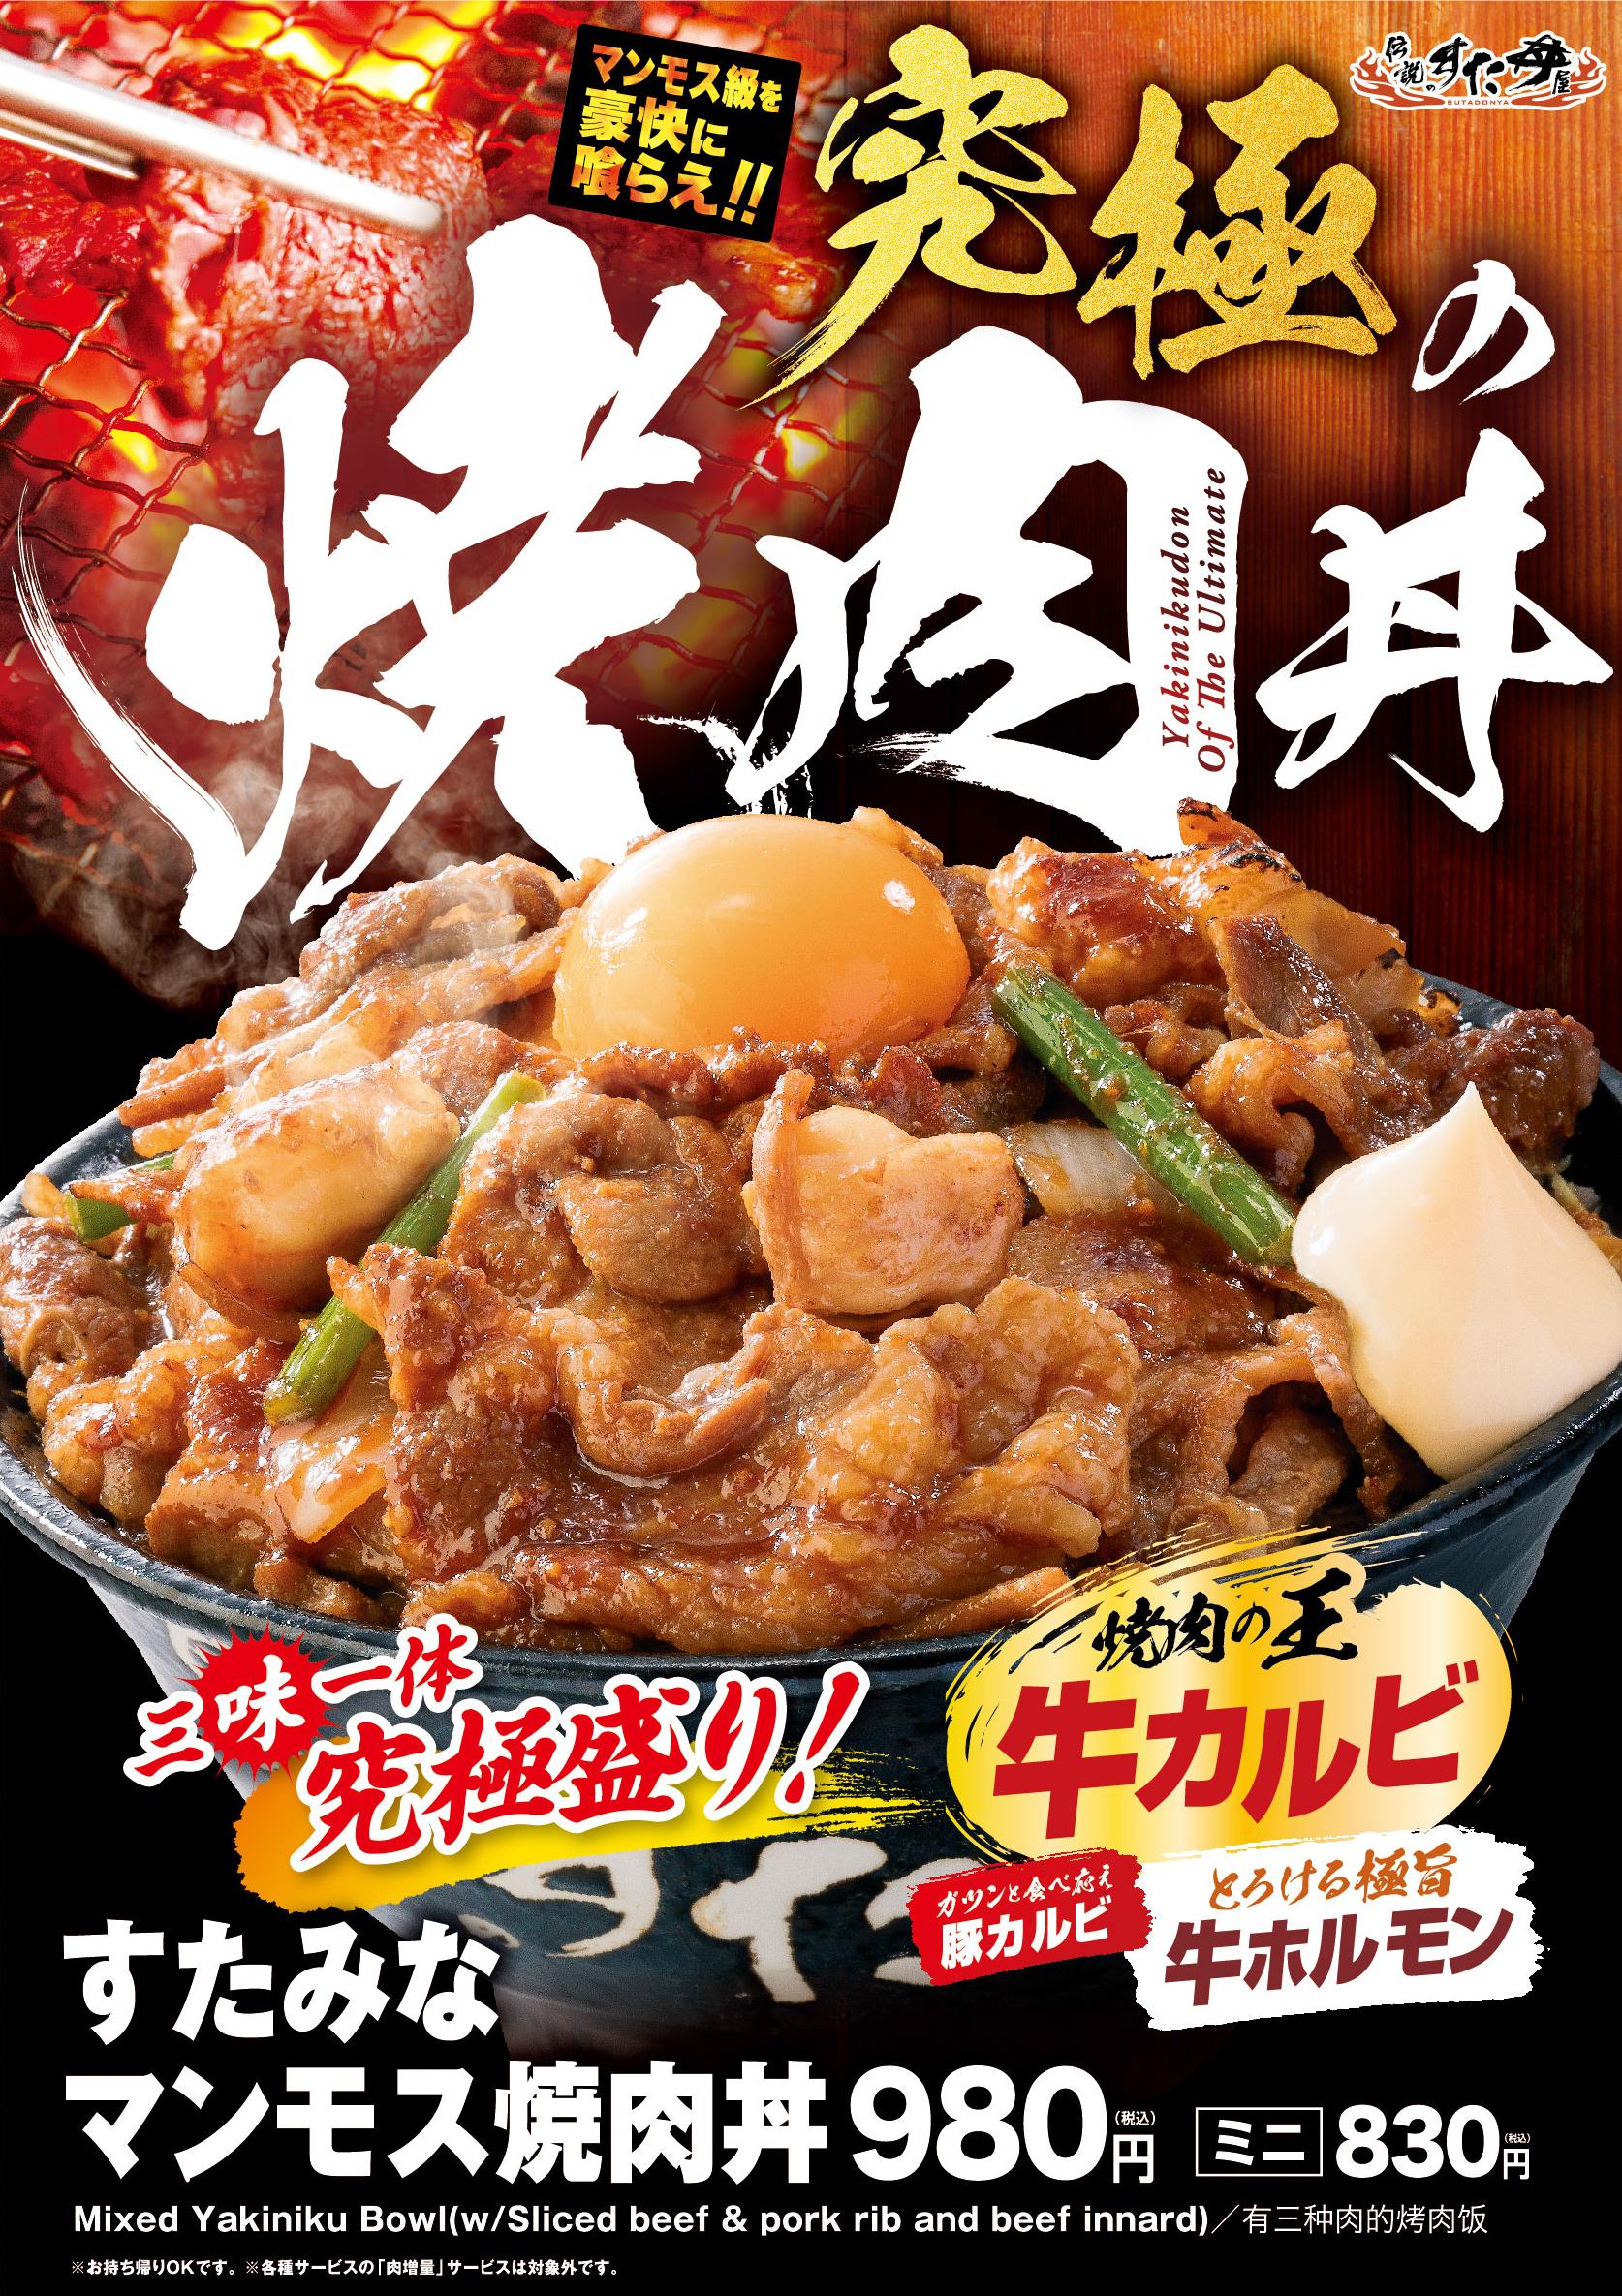 ドロ濃バタぽん豚丼